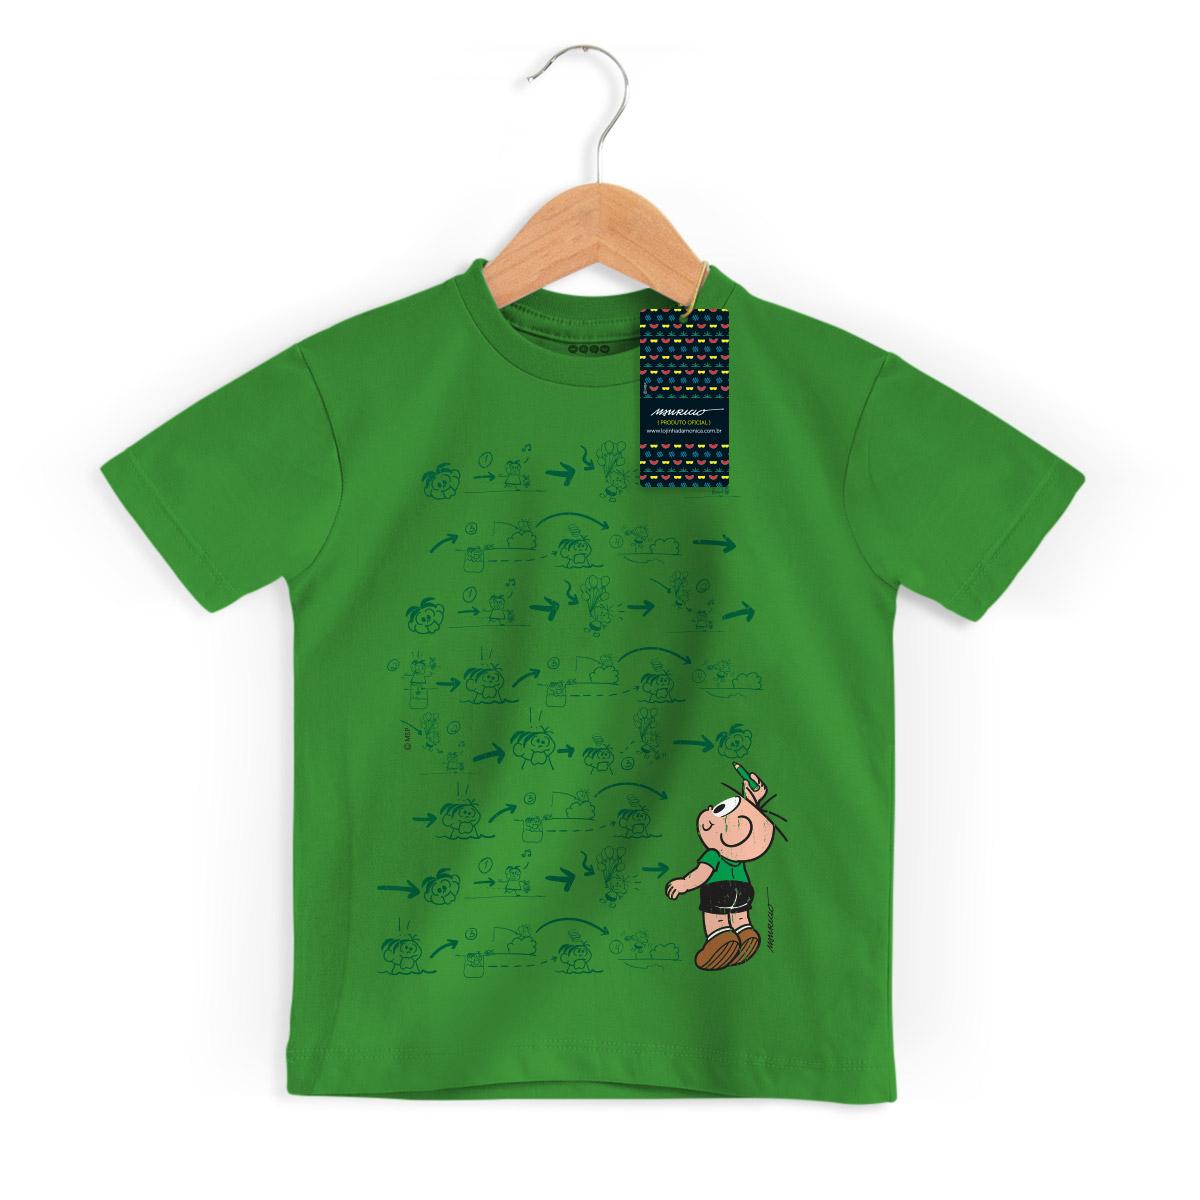 Camiseta Infantil Turma Da M�nica Cool Green Cebolinha